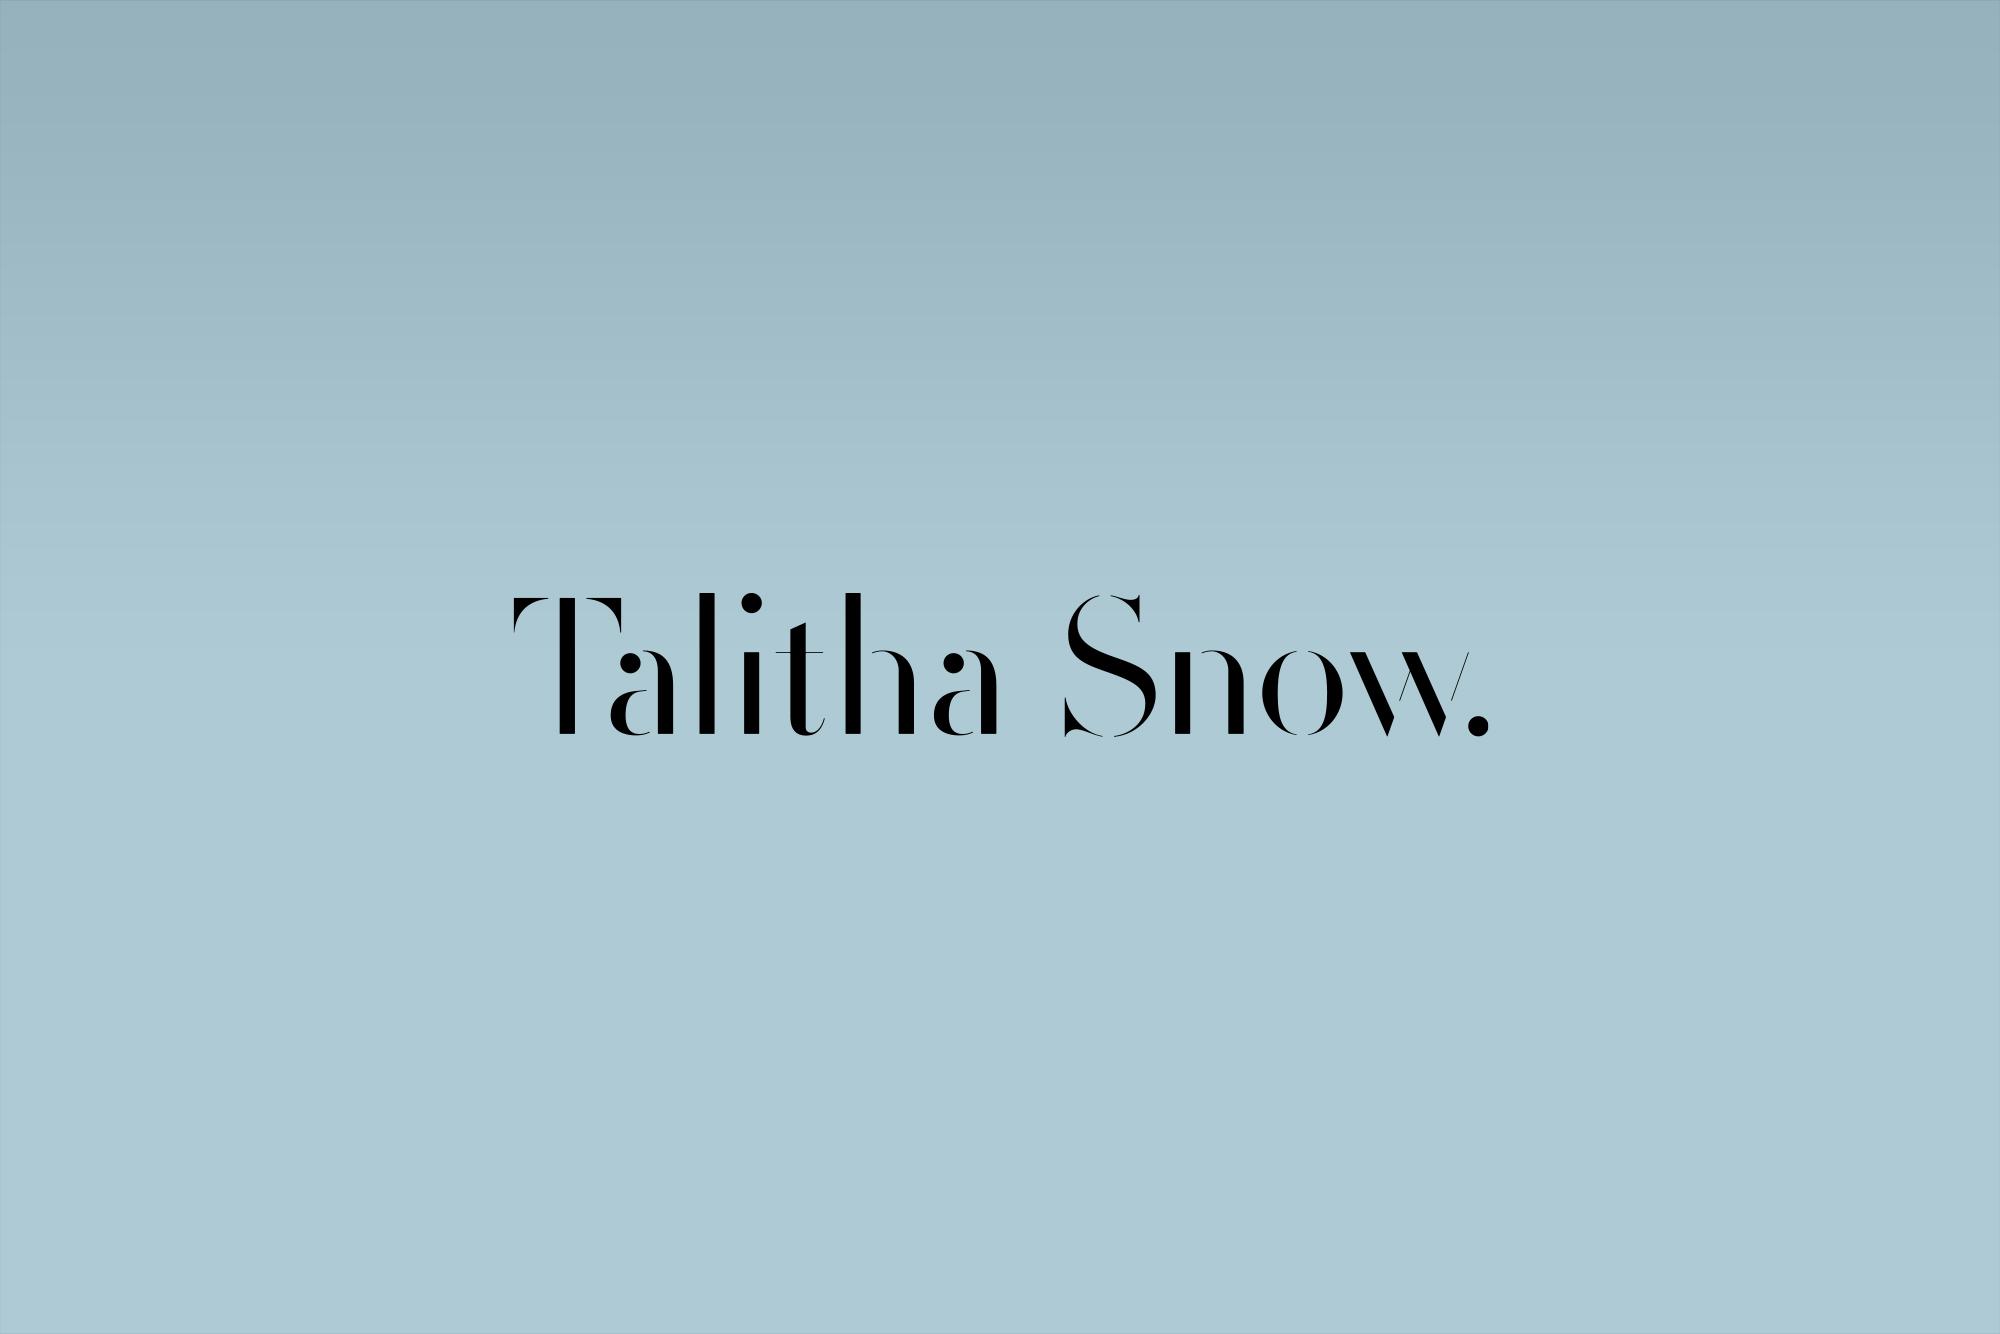 LG_Portfolio 2014_Work_Talitha Snow_01